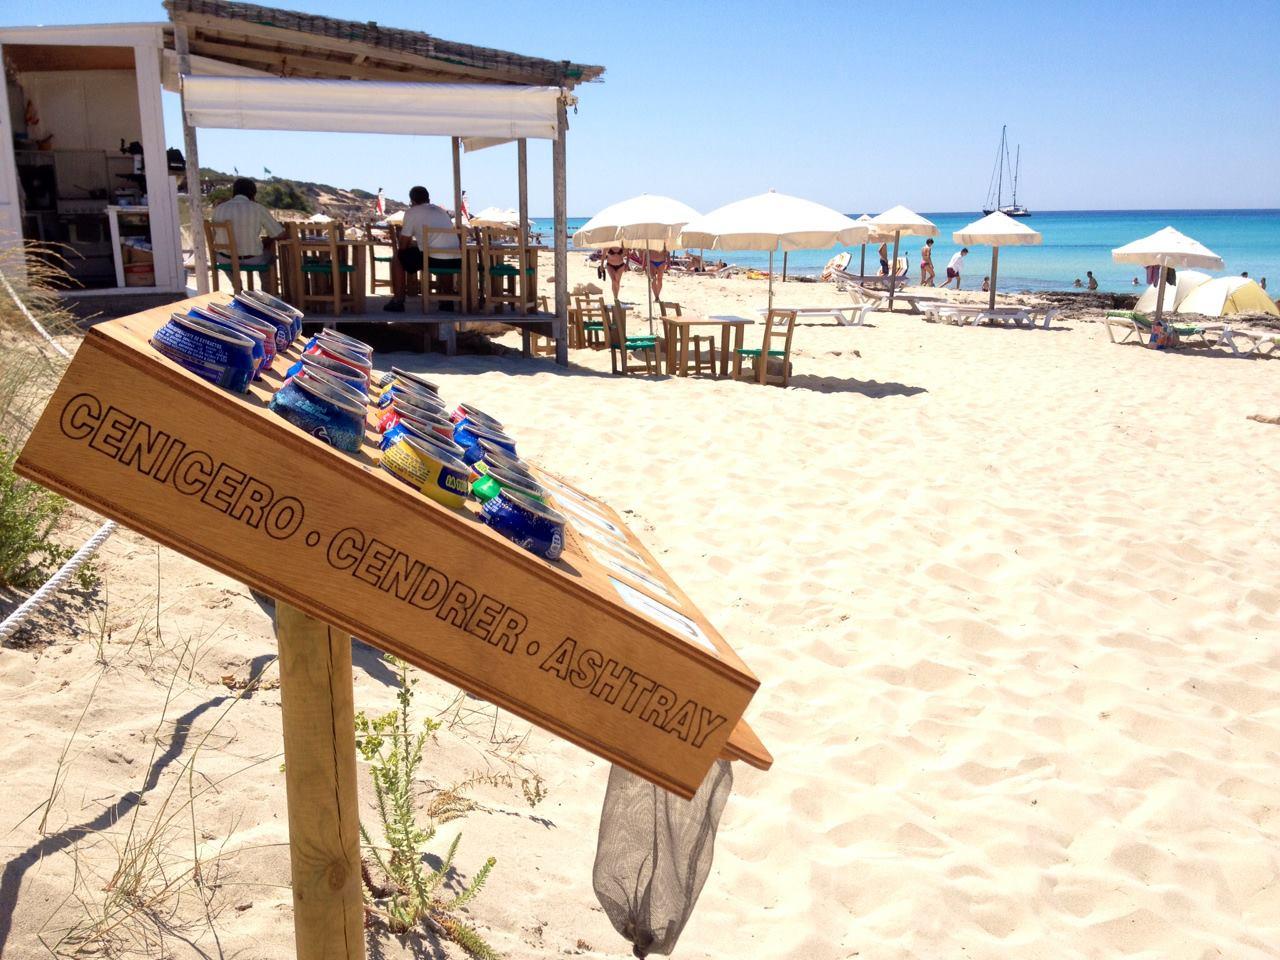 Dispensador de ceniceros en una playa de Formentera